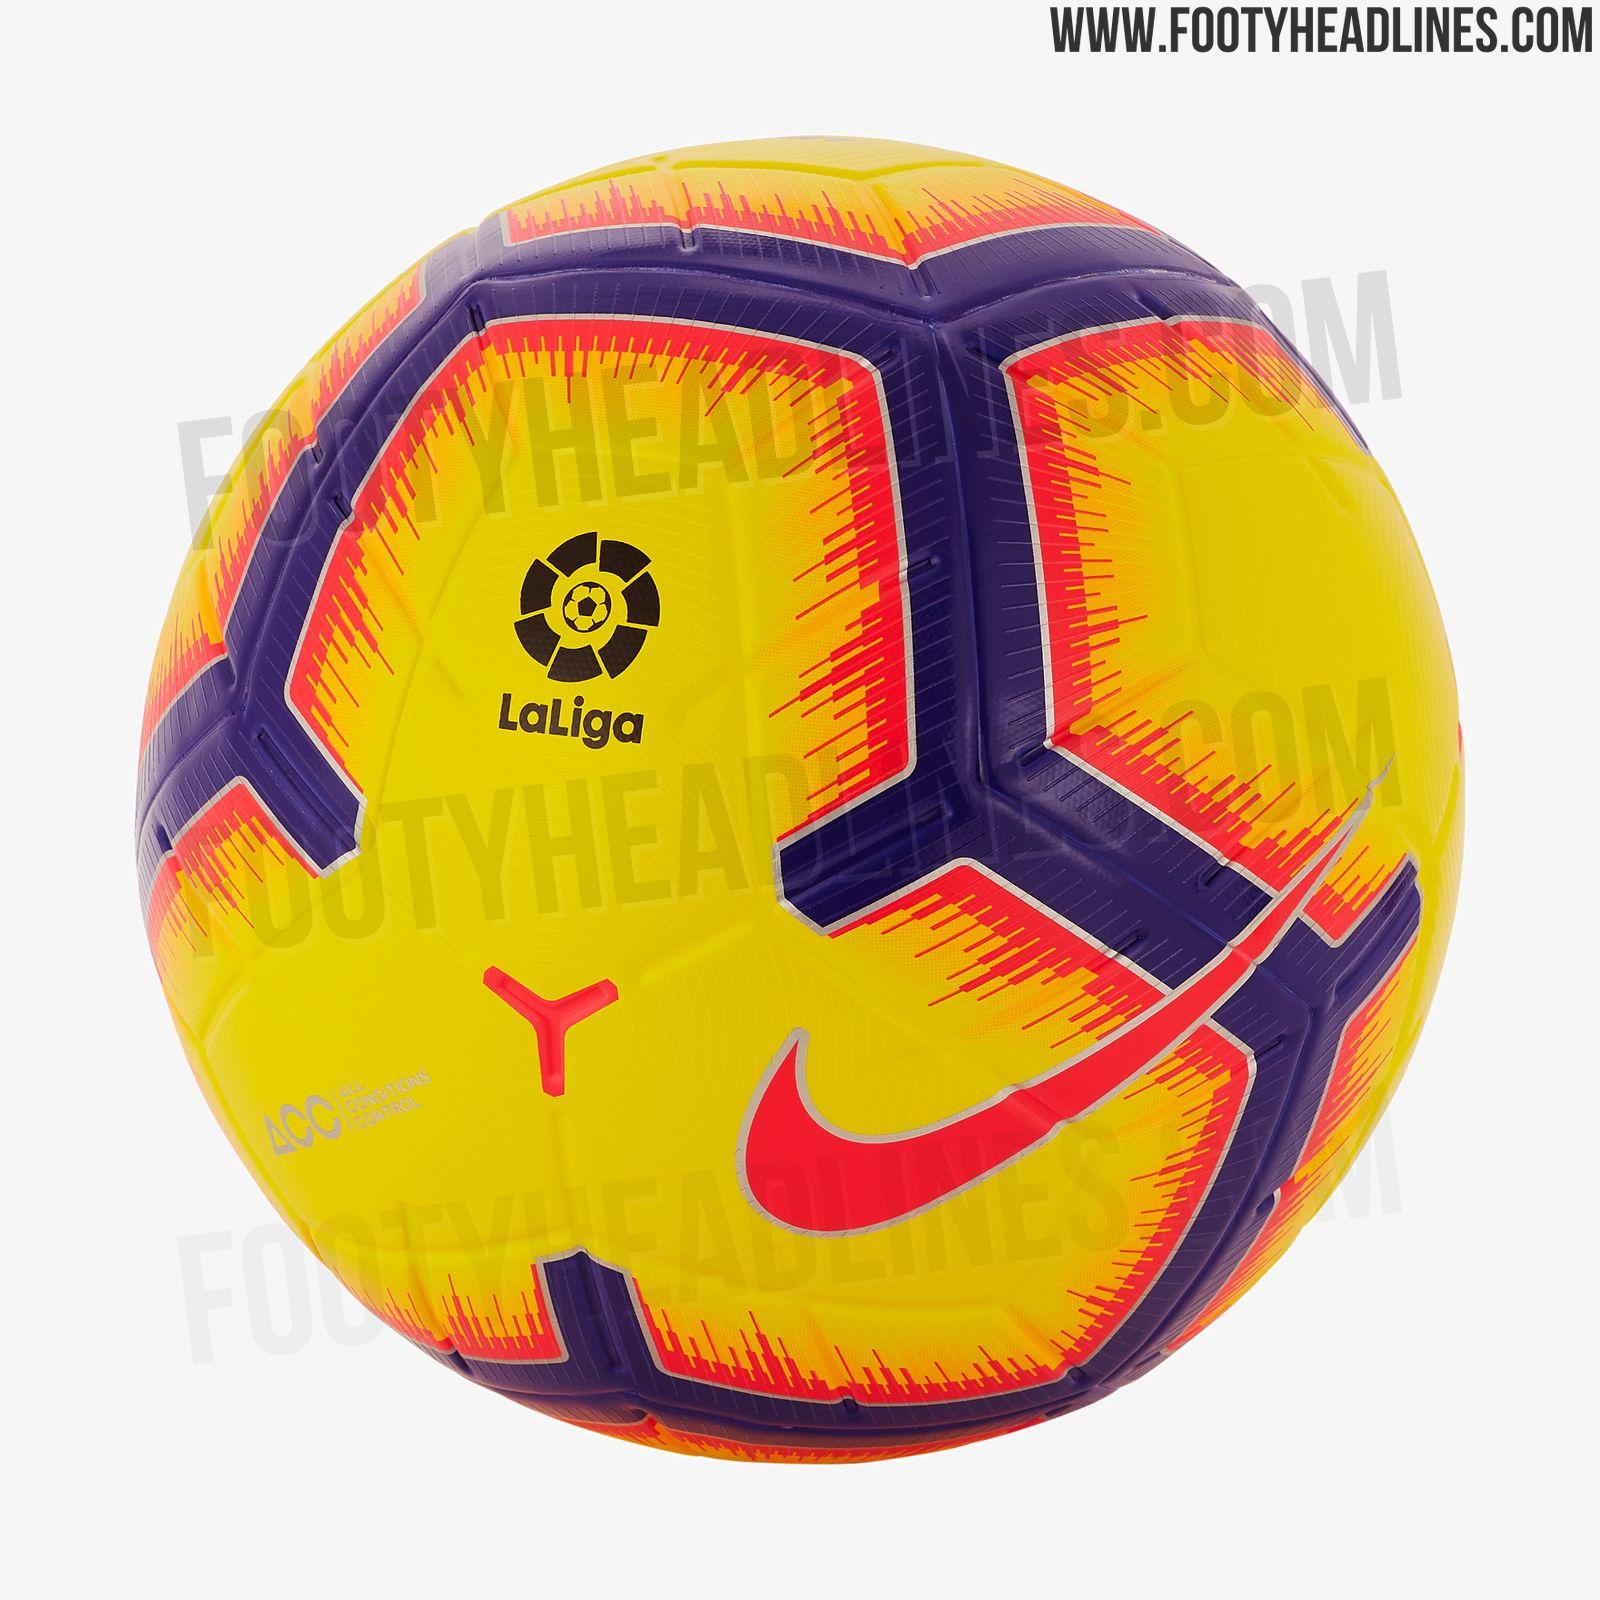 La Liga: Nike Merlin Hi-Vis La Liga Winter Ball Leaked